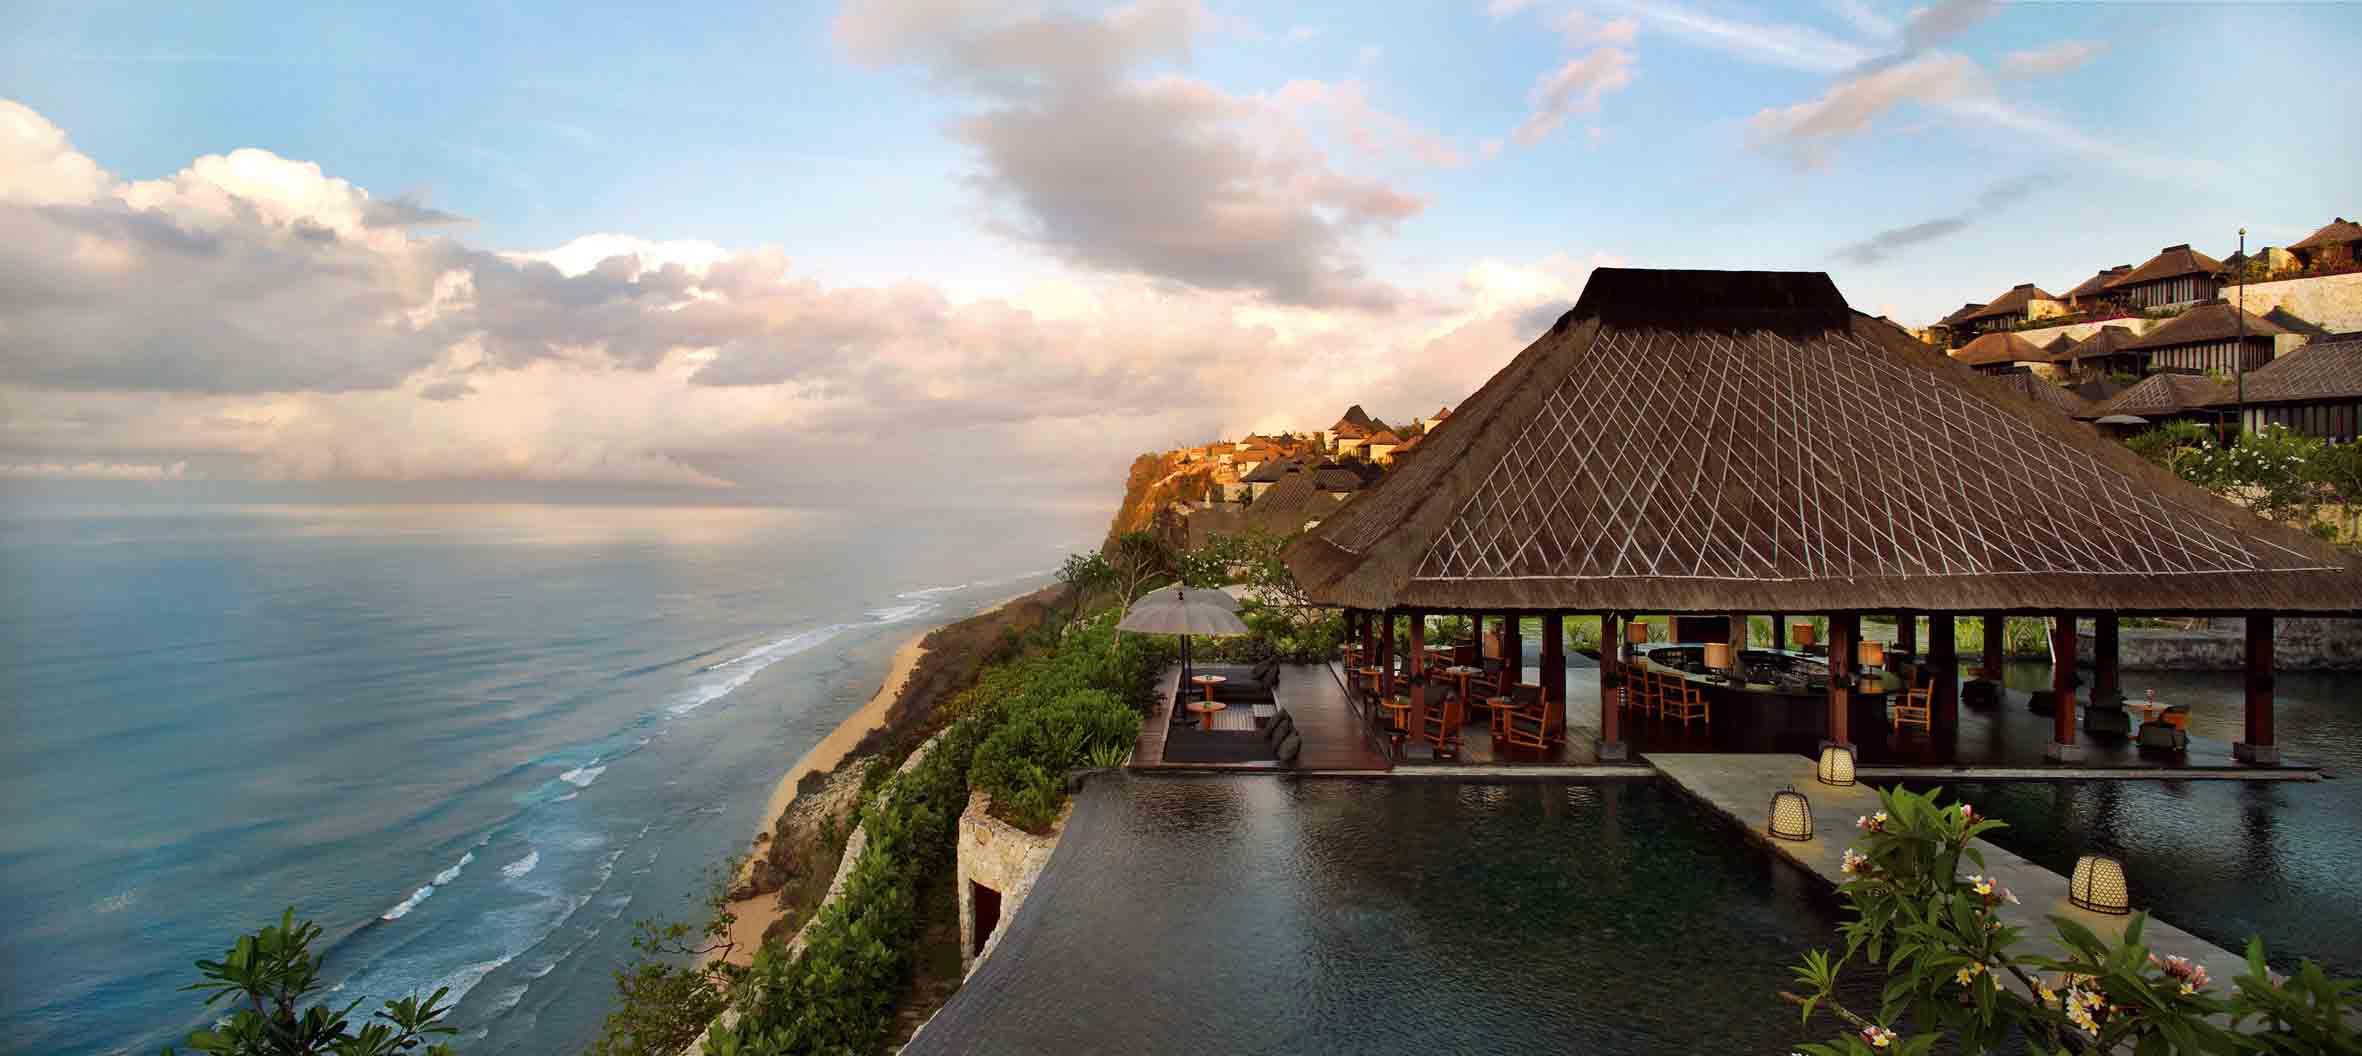 Hôtel indonésie